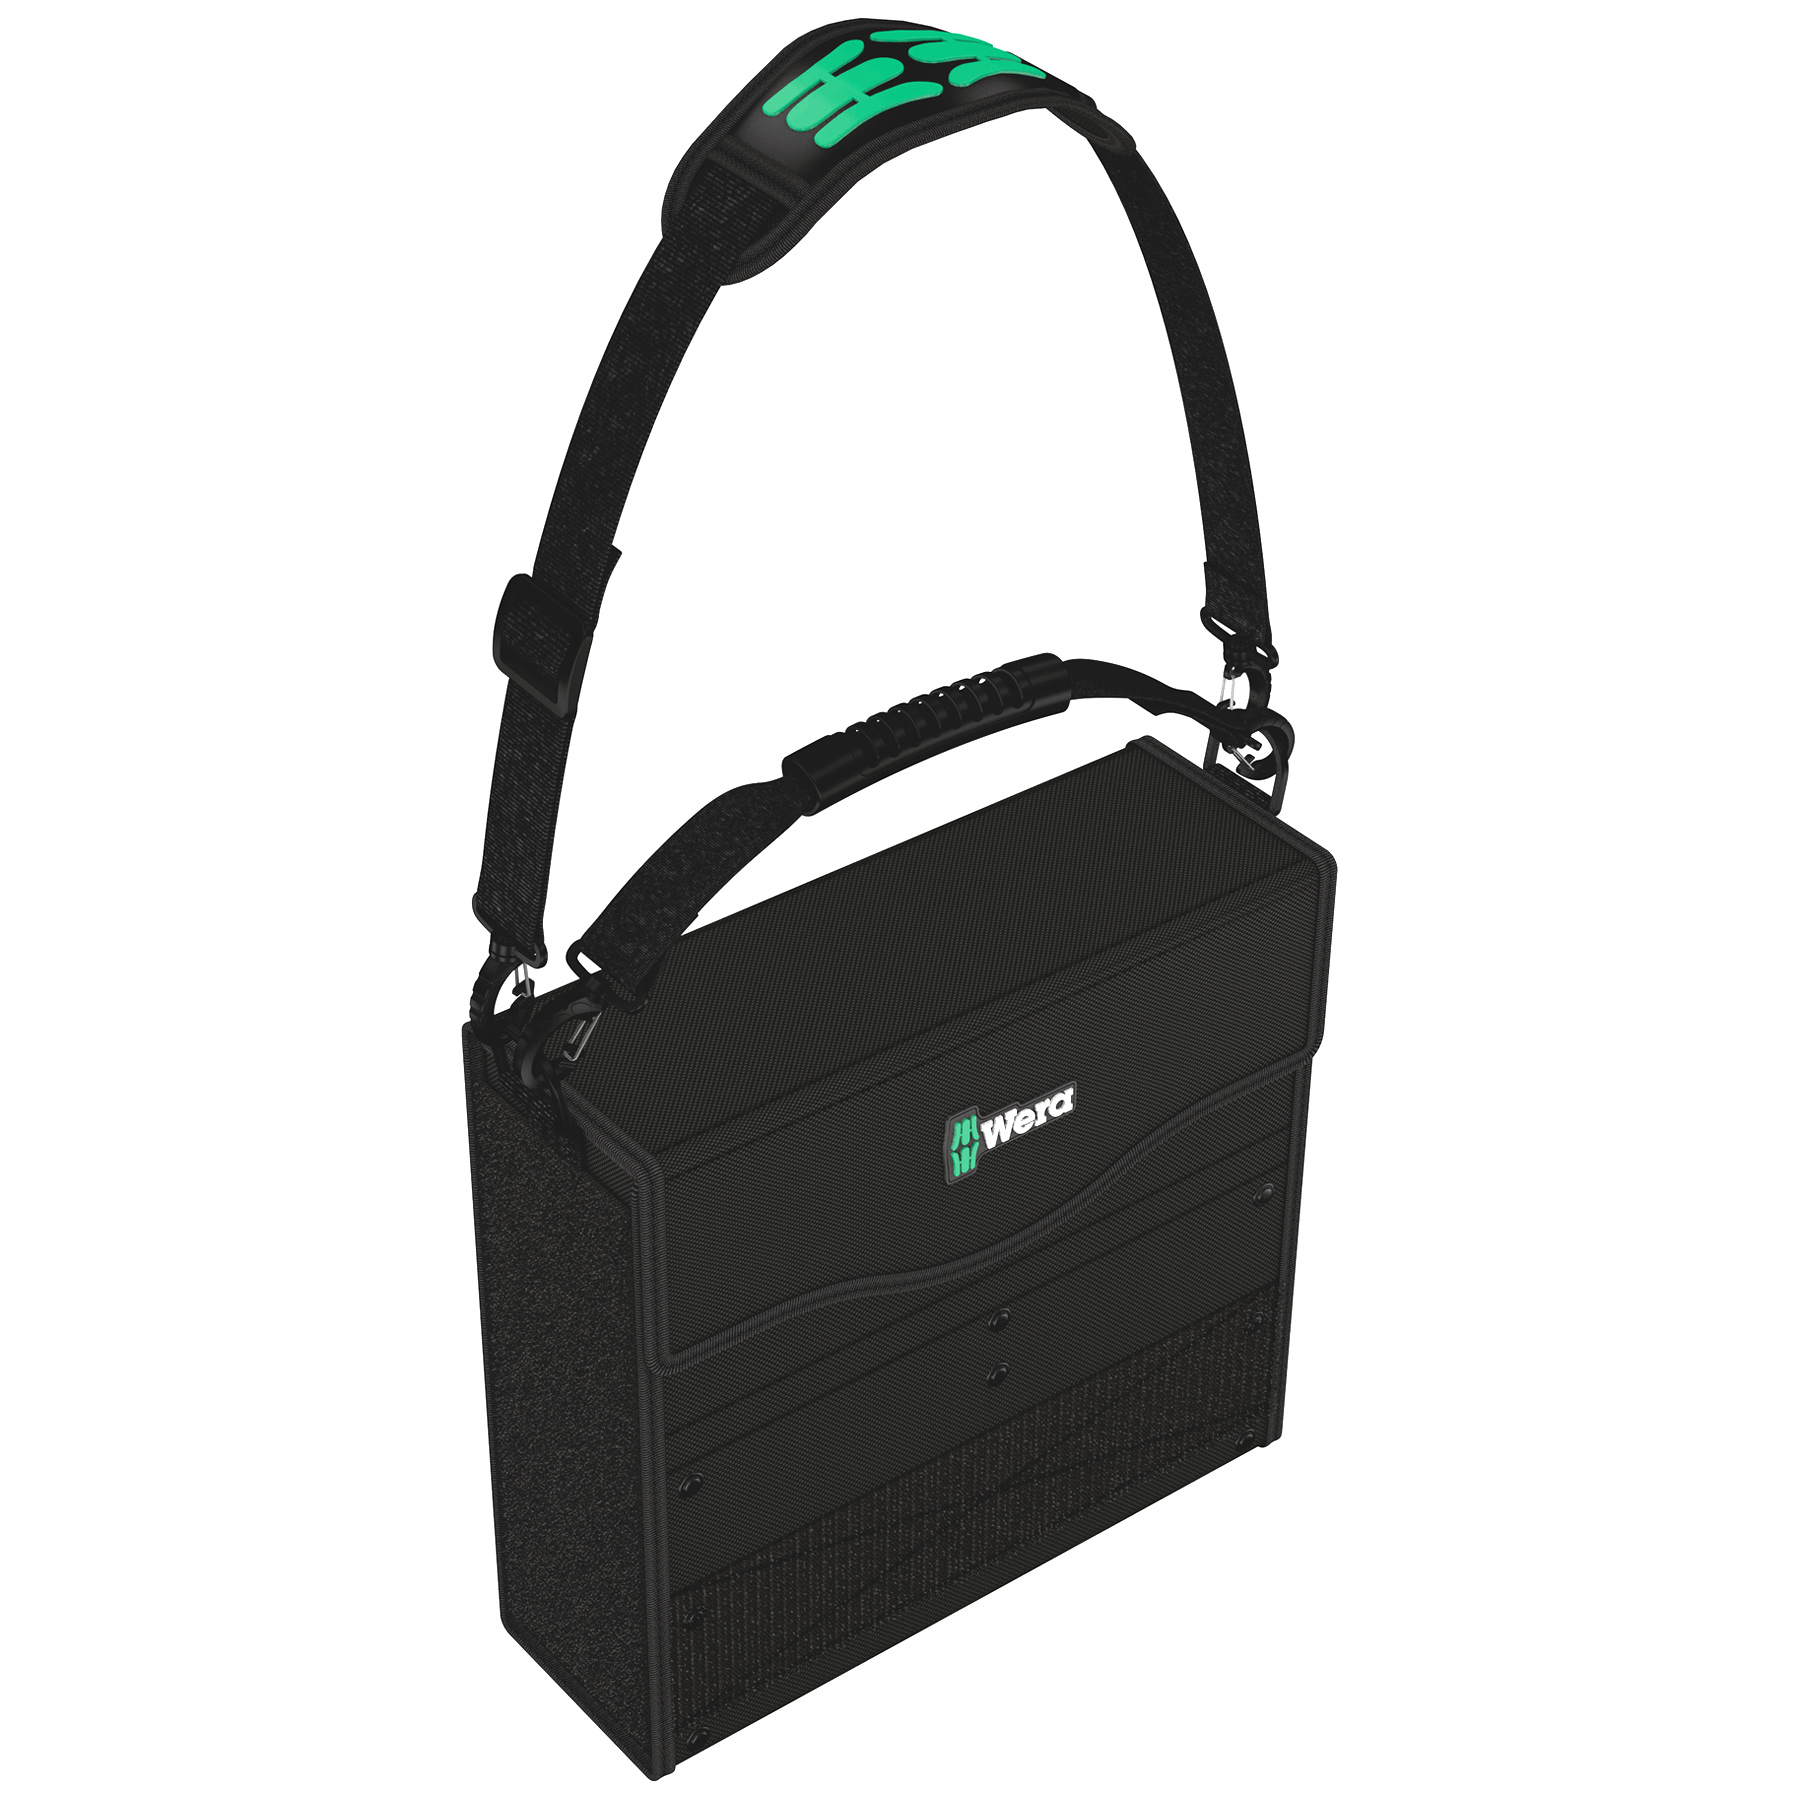 Wera 2go 2 - Werkzeug-Container